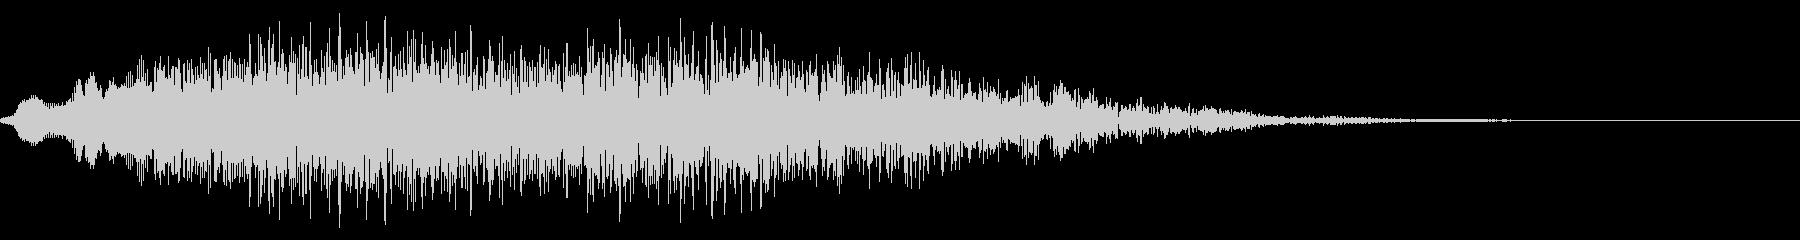 ゴージャスな決定音4の未再生の波形